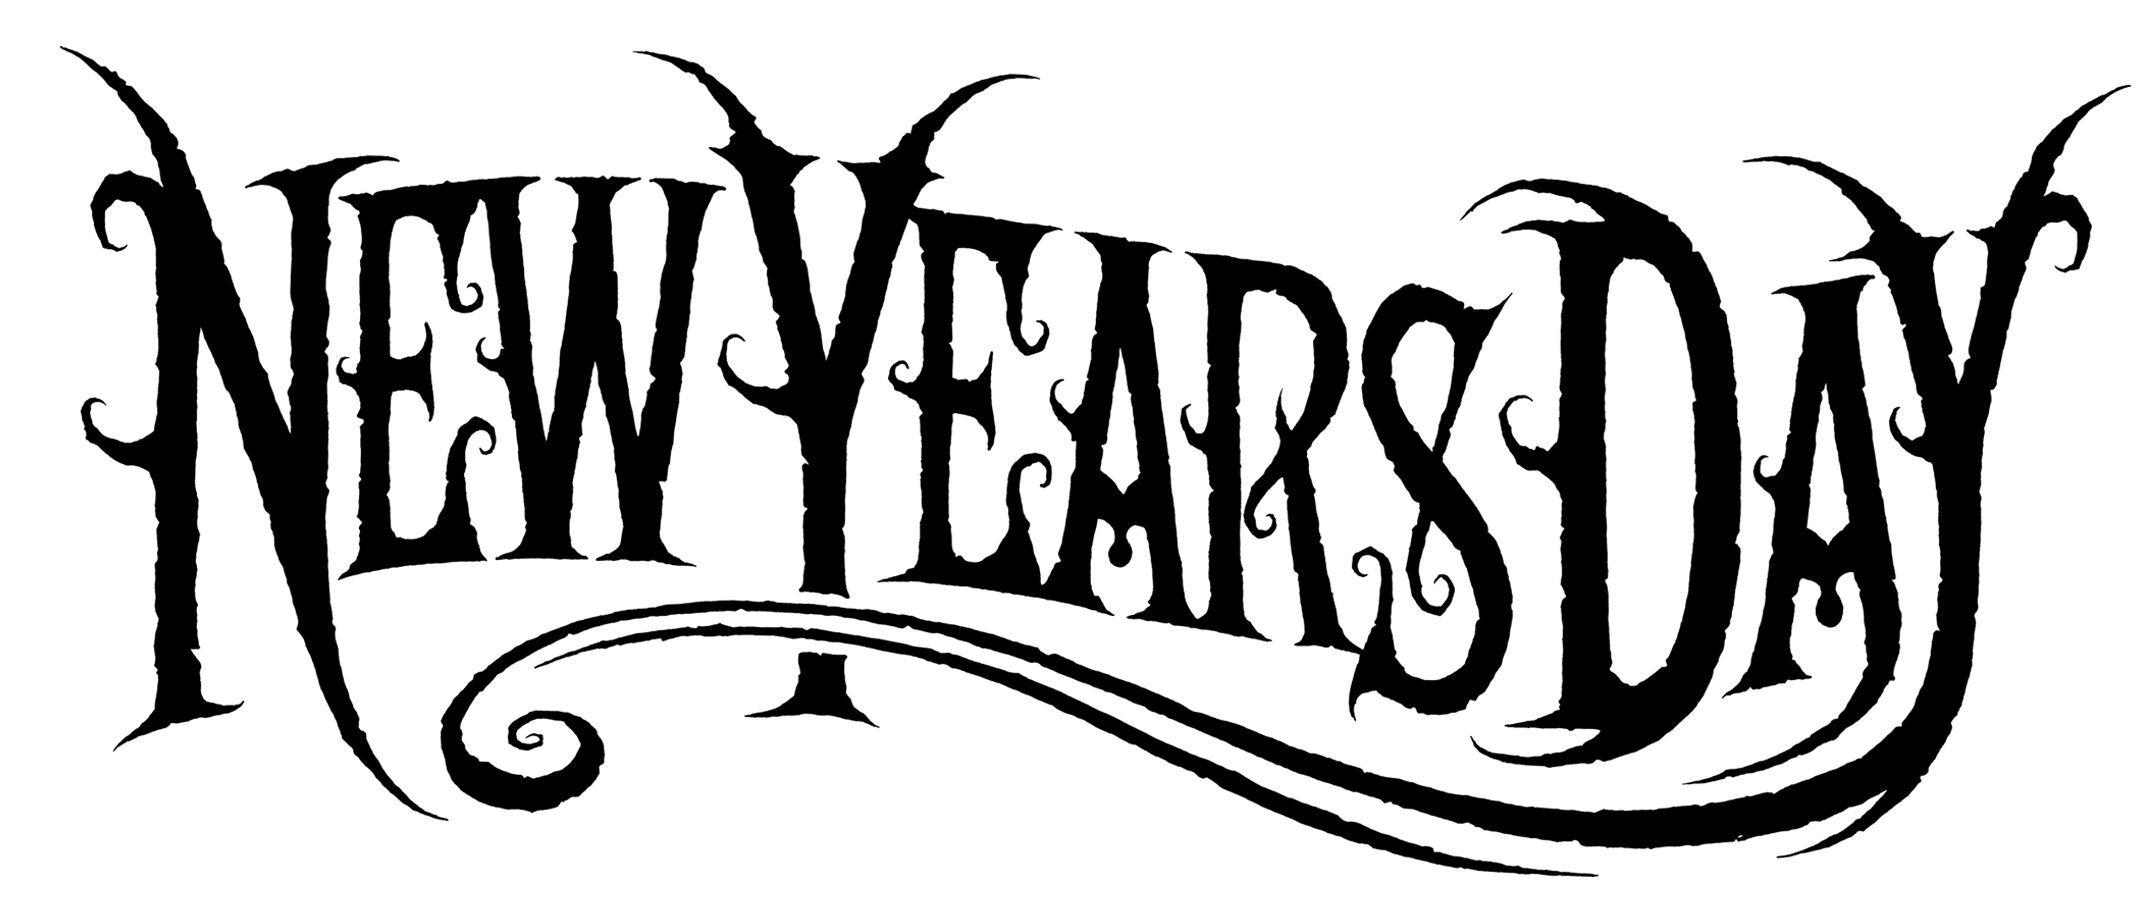 new year s day band logo logos symbols pinterest rh pinterest co uk Sleeping With Sirens Logo emo band logo collage